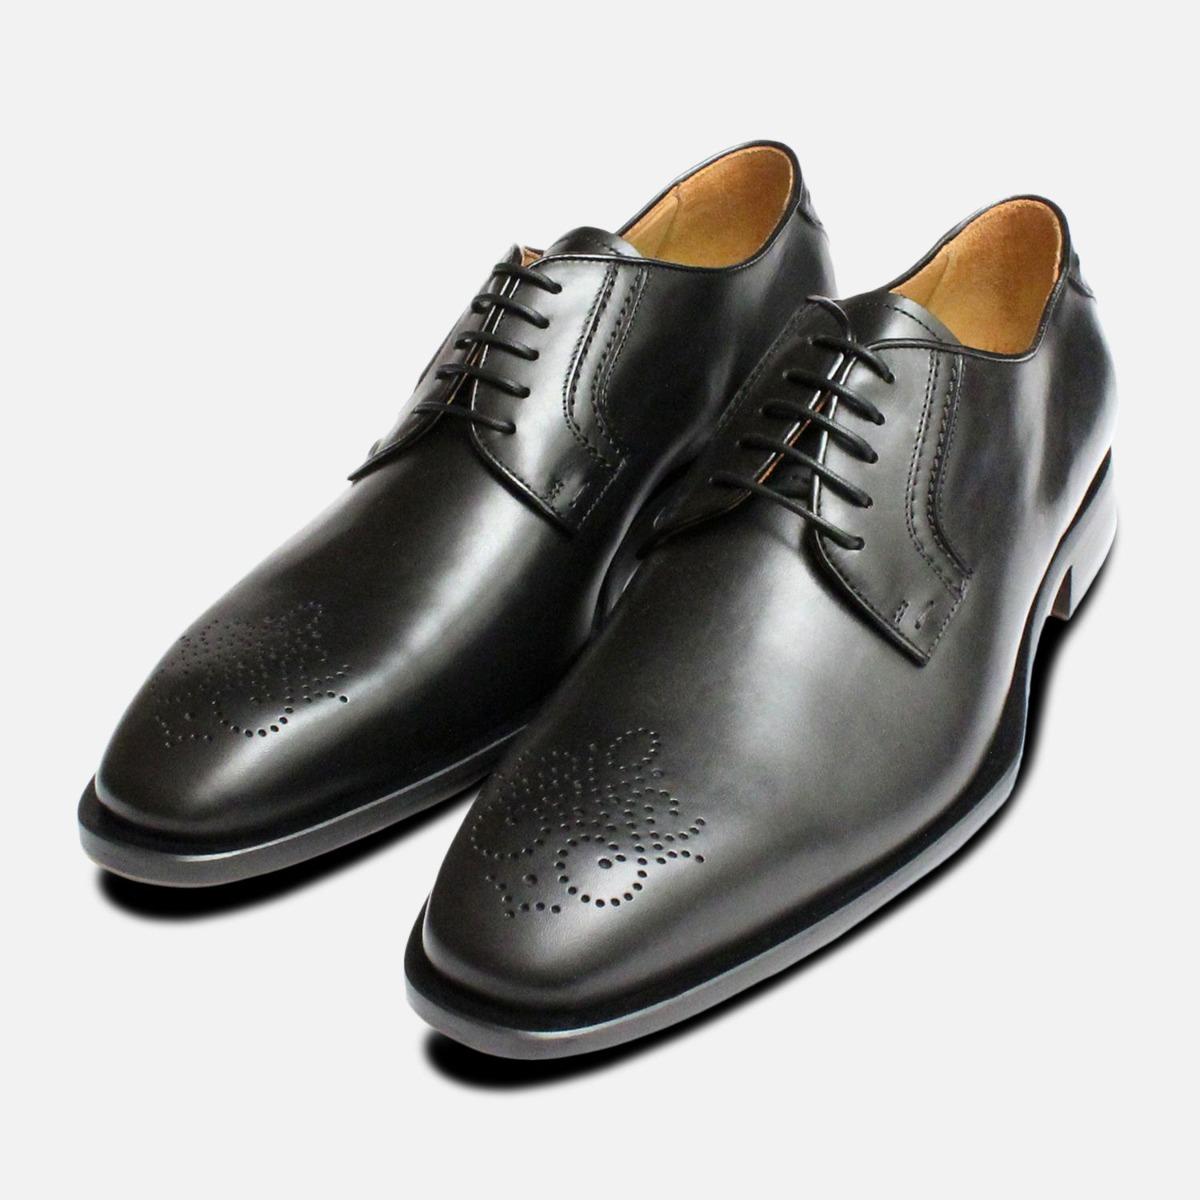 Shoes Black Italian Cozzi Brogues